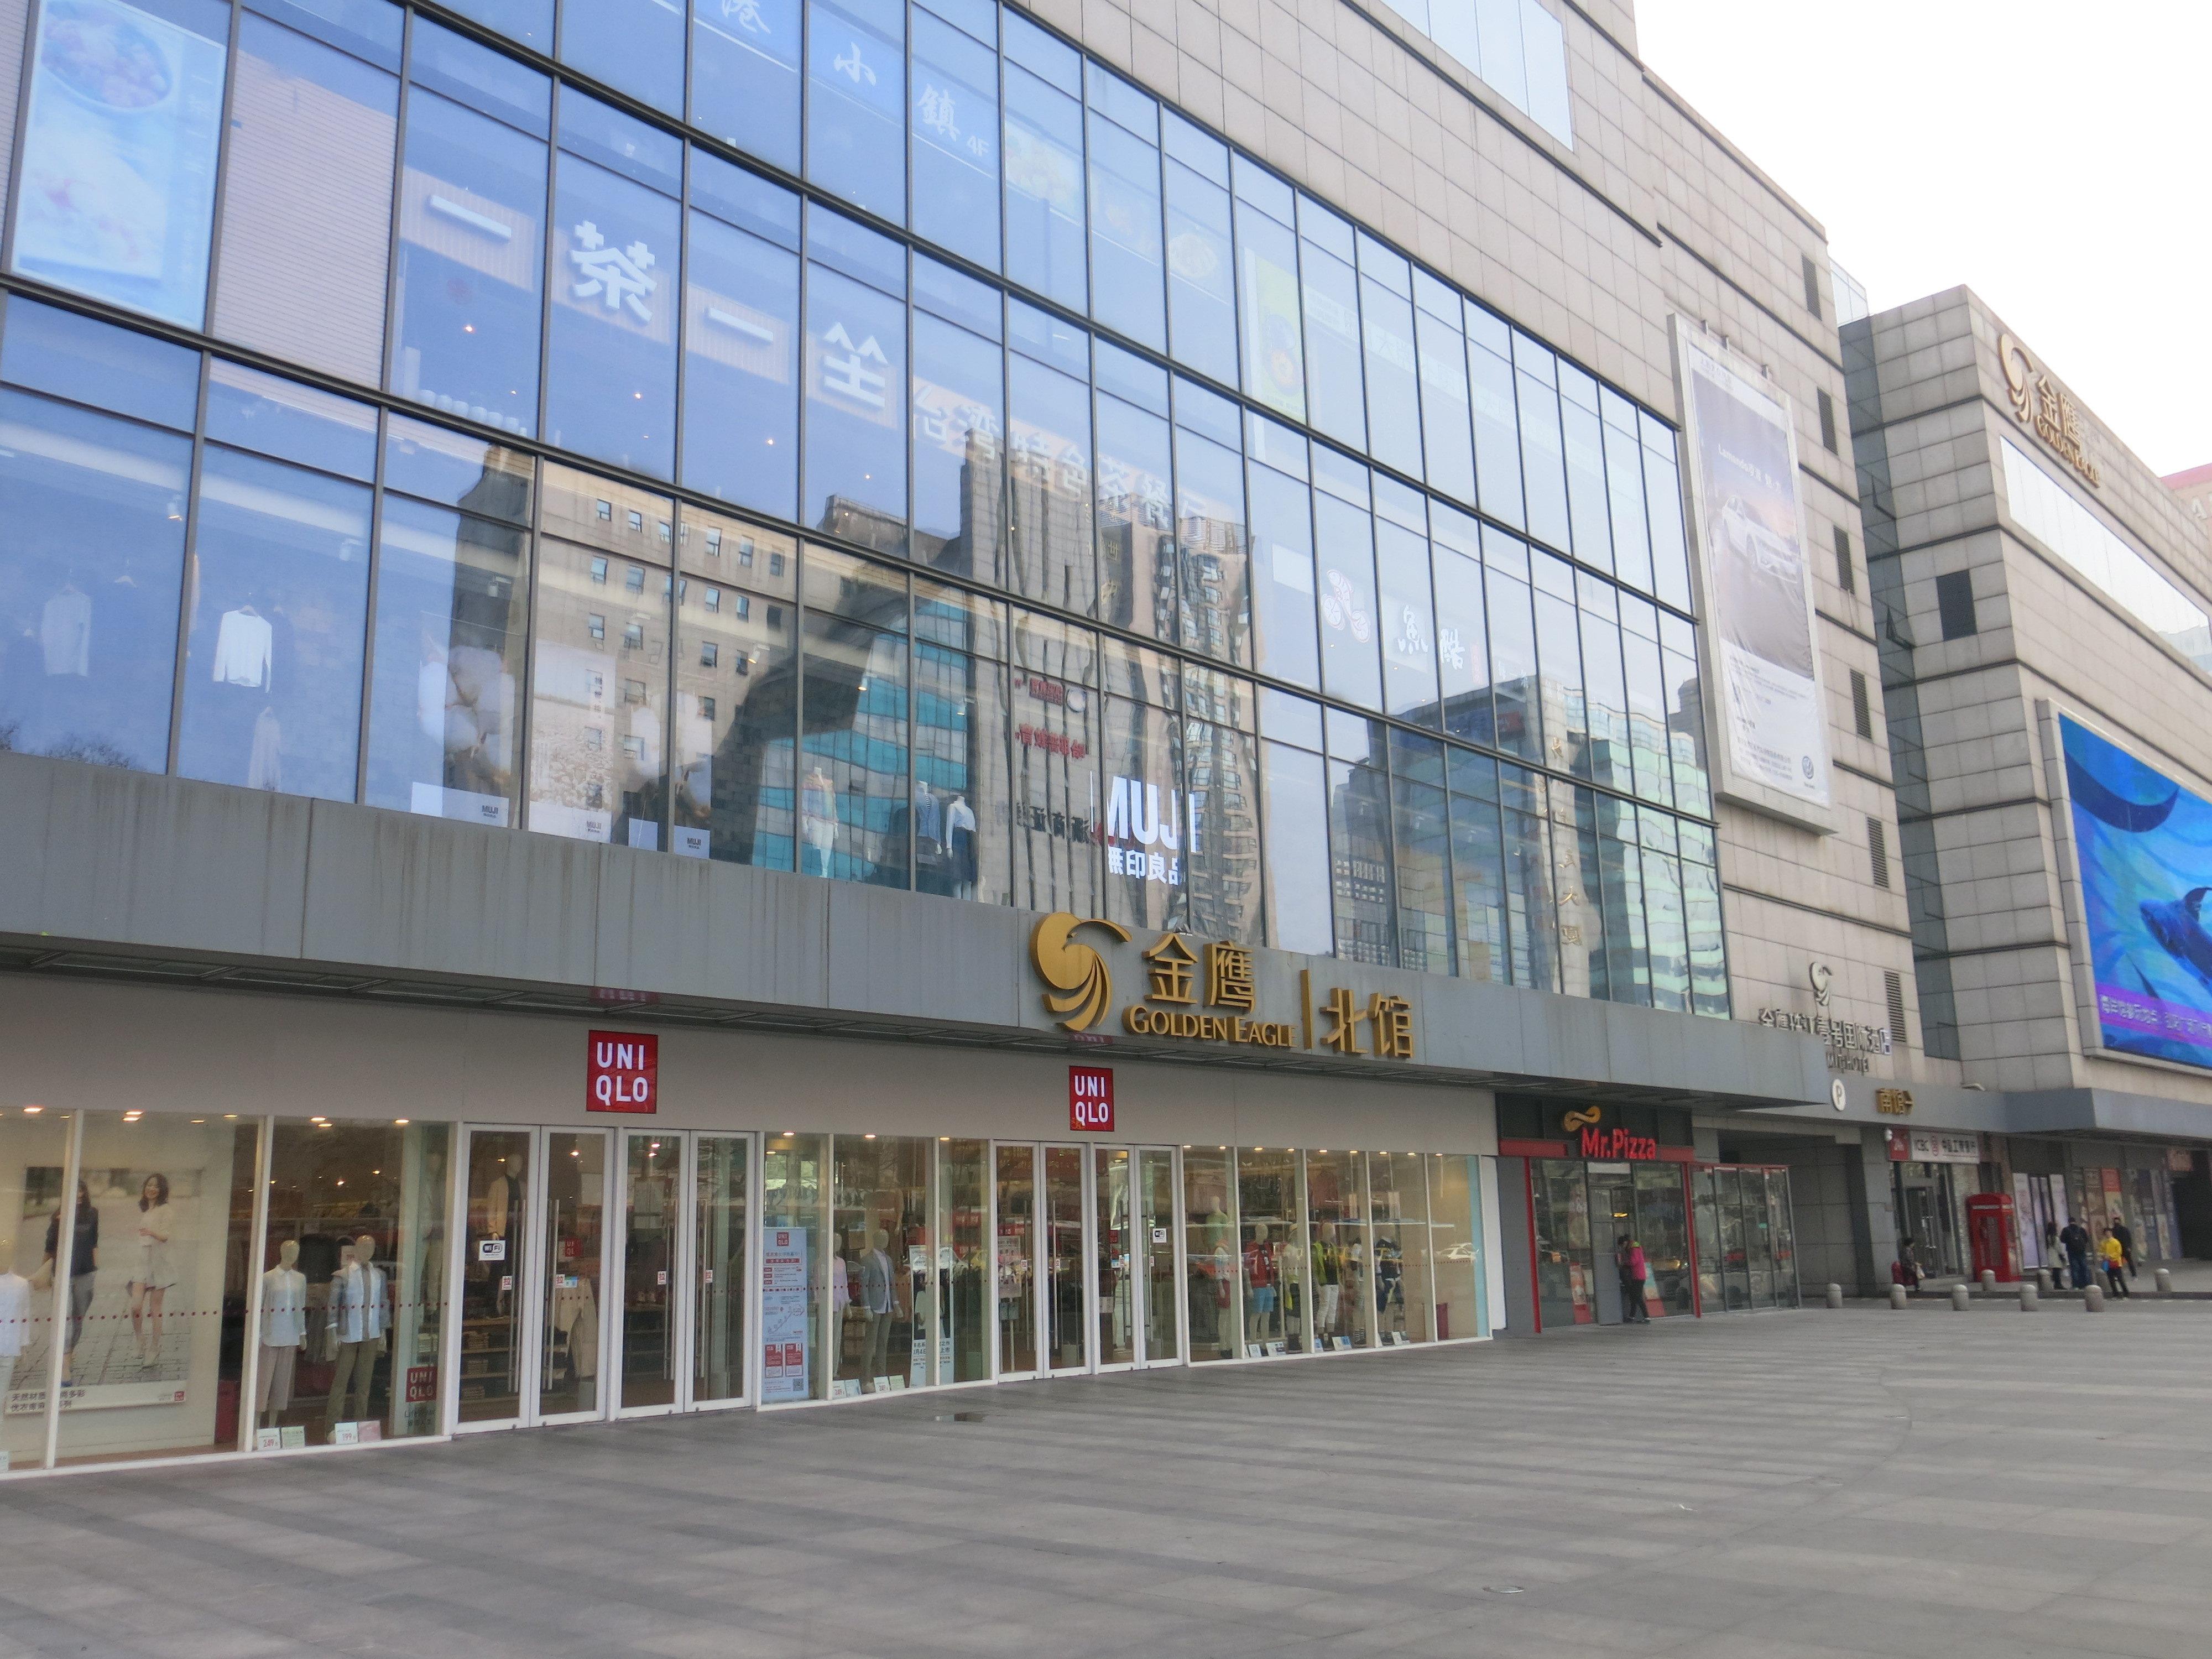 南京市玄武区珠江路1号金鹰国际购物中心f5